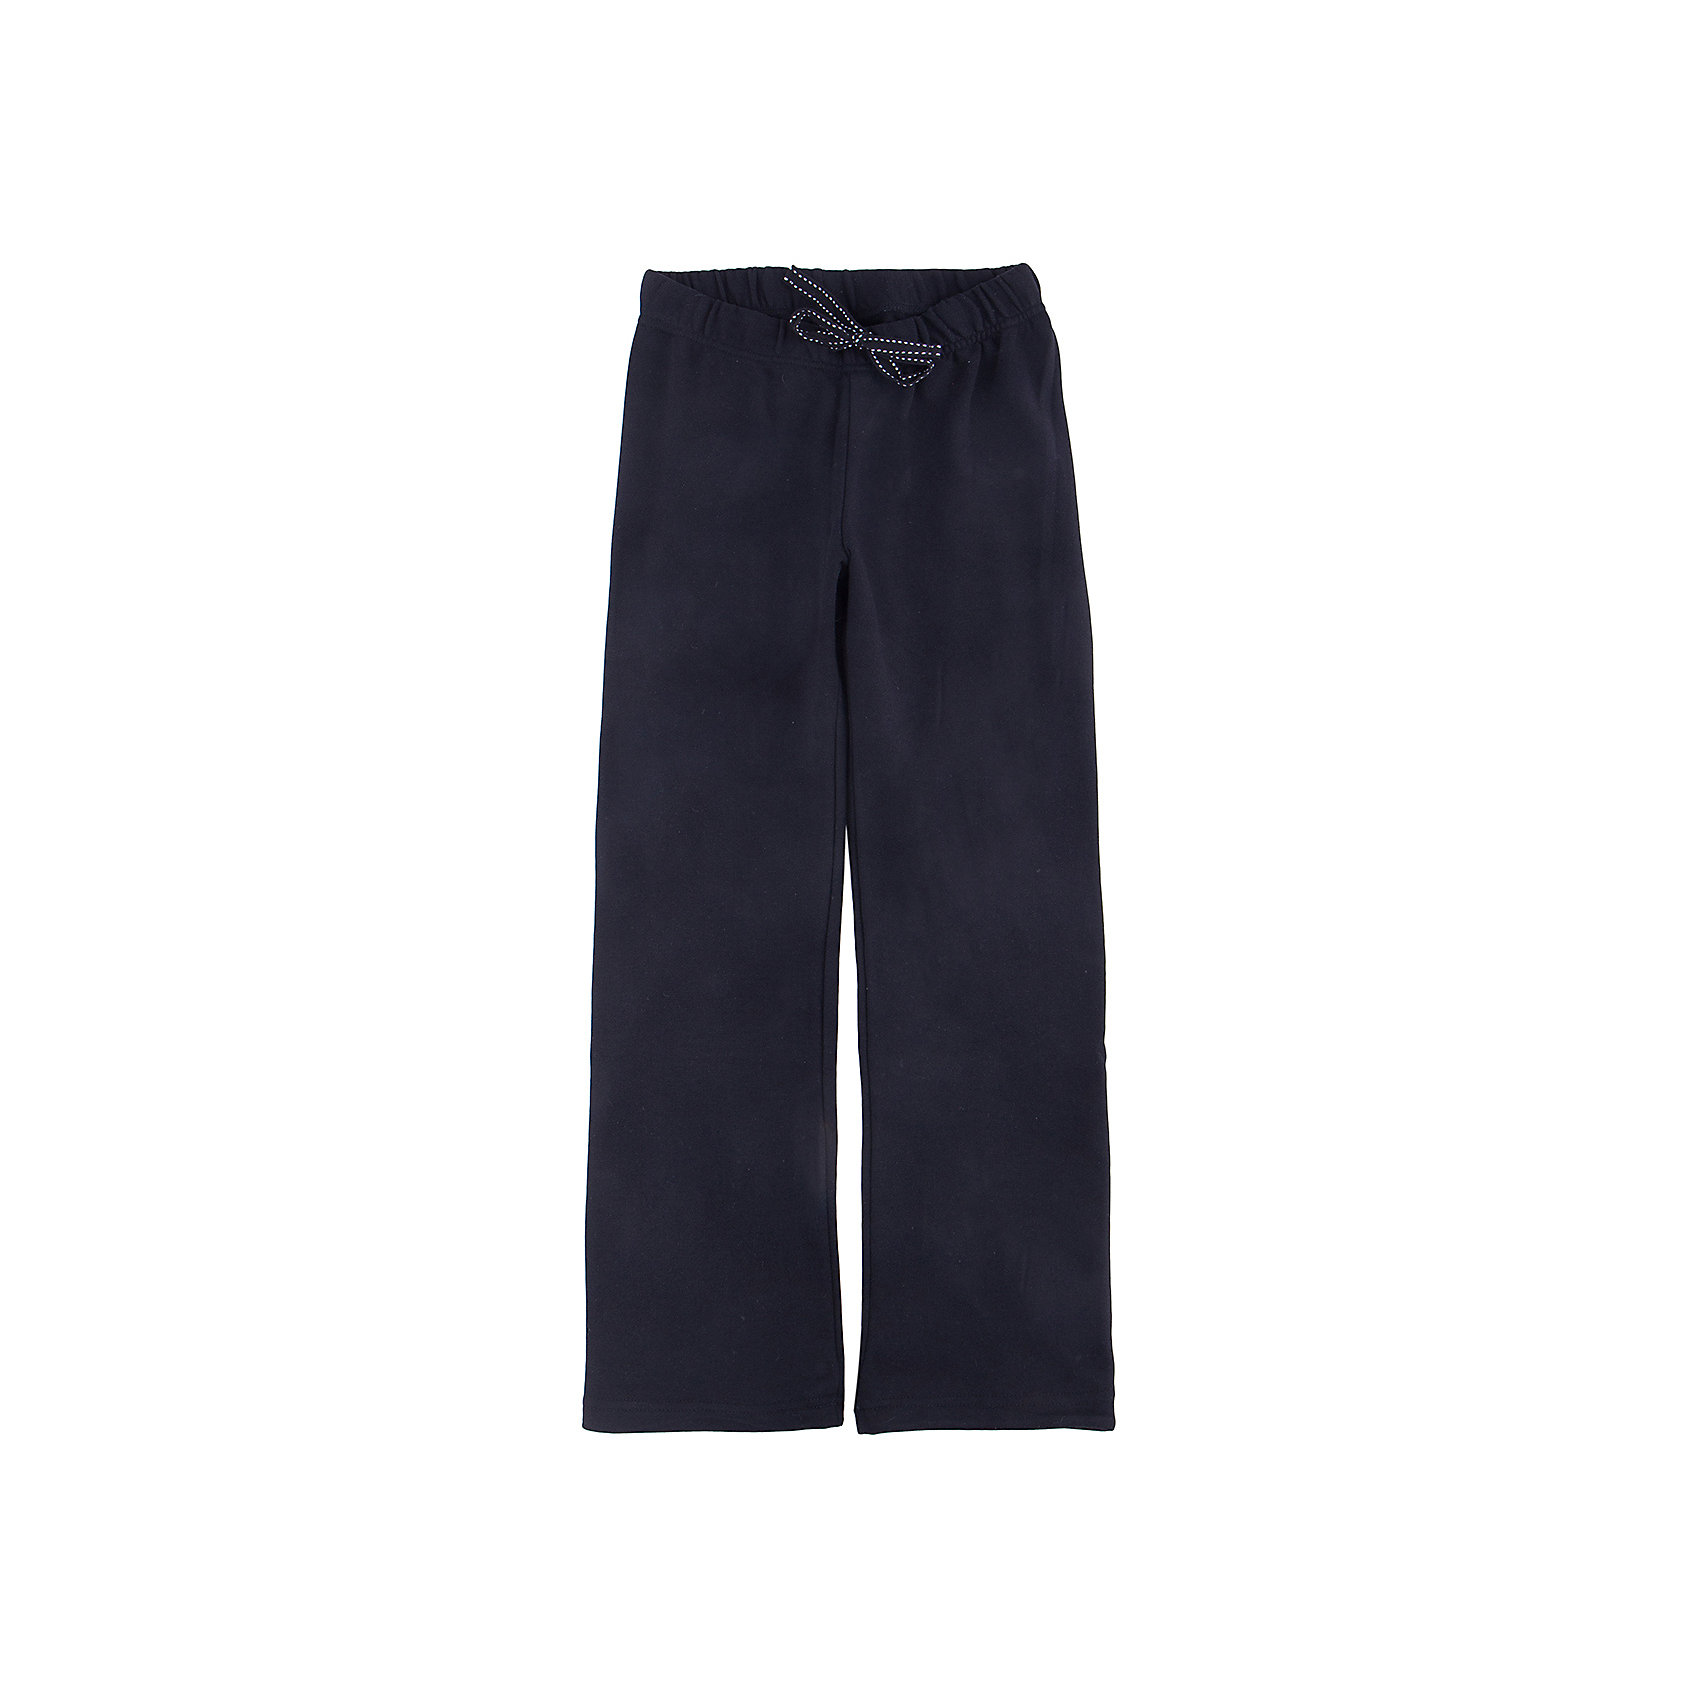 Брюки для мальчика ScoolБрюки для мальчика от известного бренда Scool<br>Состав:<br>60% хлопок, 40% полиэстер<br>Мягкие брюки из футера в спортивном стиле. Низ штанишек и пояс на резинке, дополнительно регулируется шнурком.<br><br>Ширина мм: 215<br>Глубина мм: 88<br>Высота мм: 191<br>Вес г: 336<br>Цвет: черный<br>Возраст от месяцев: 72<br>Возраст до месяцев: 84<br>Пол: Мужской<br>Возраст: Детский<br>Размер: 122,140,152,164,158,146,134,128<br>SKU: 4686829